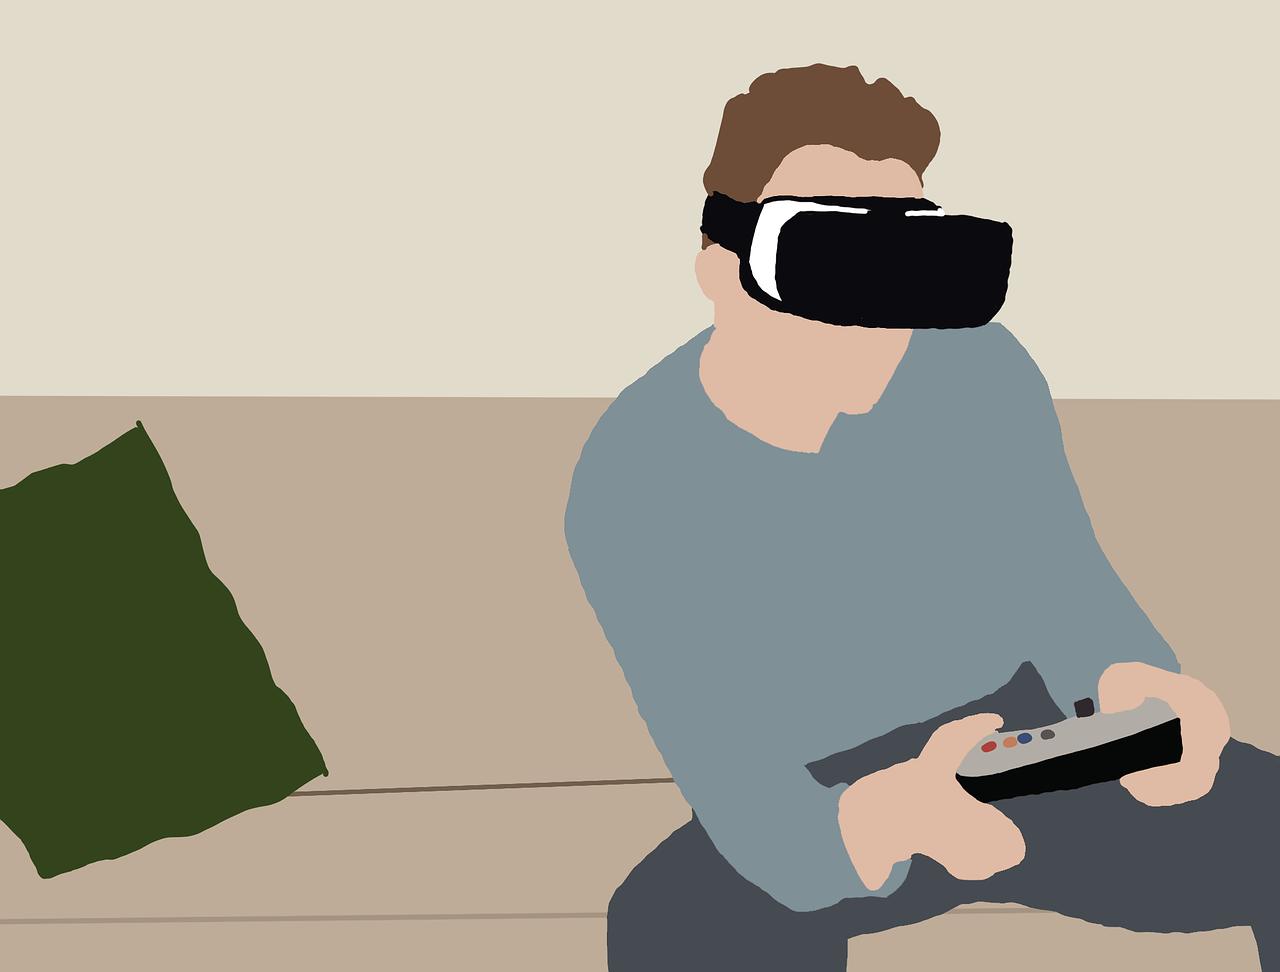 כיצד יראו משחקי המחשב ב 2050?